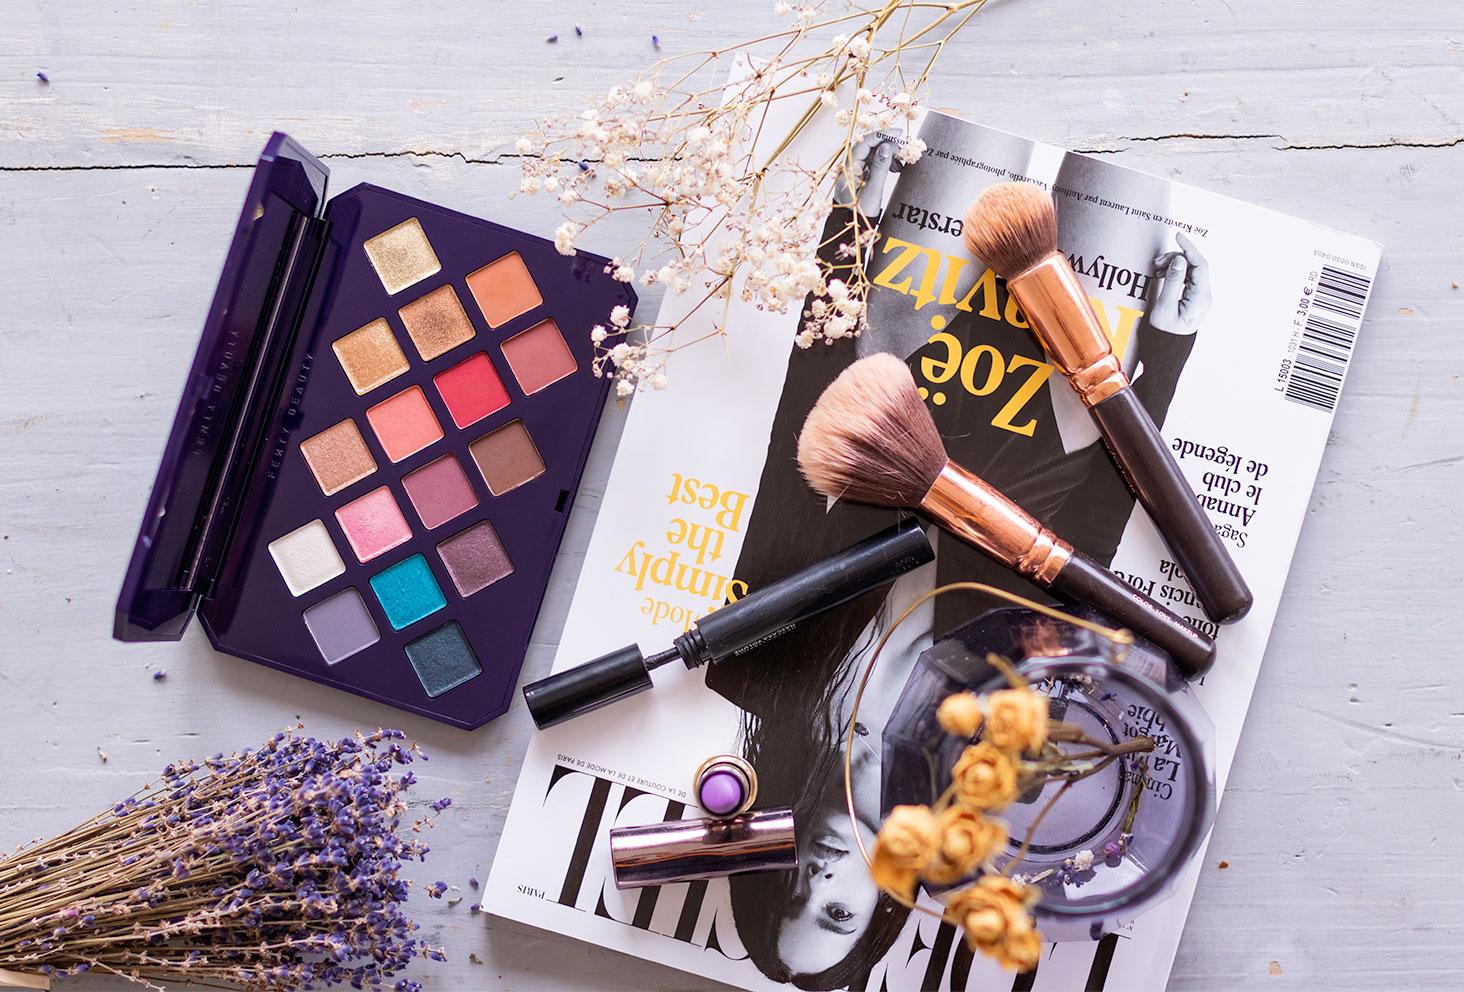 La palette Moroccan Spice de Fenty Beauty by Rihanna posée sur une table en bois gris, à coté de maquillage et d'un magazine, avec des fleurs séchées violettes et blanches